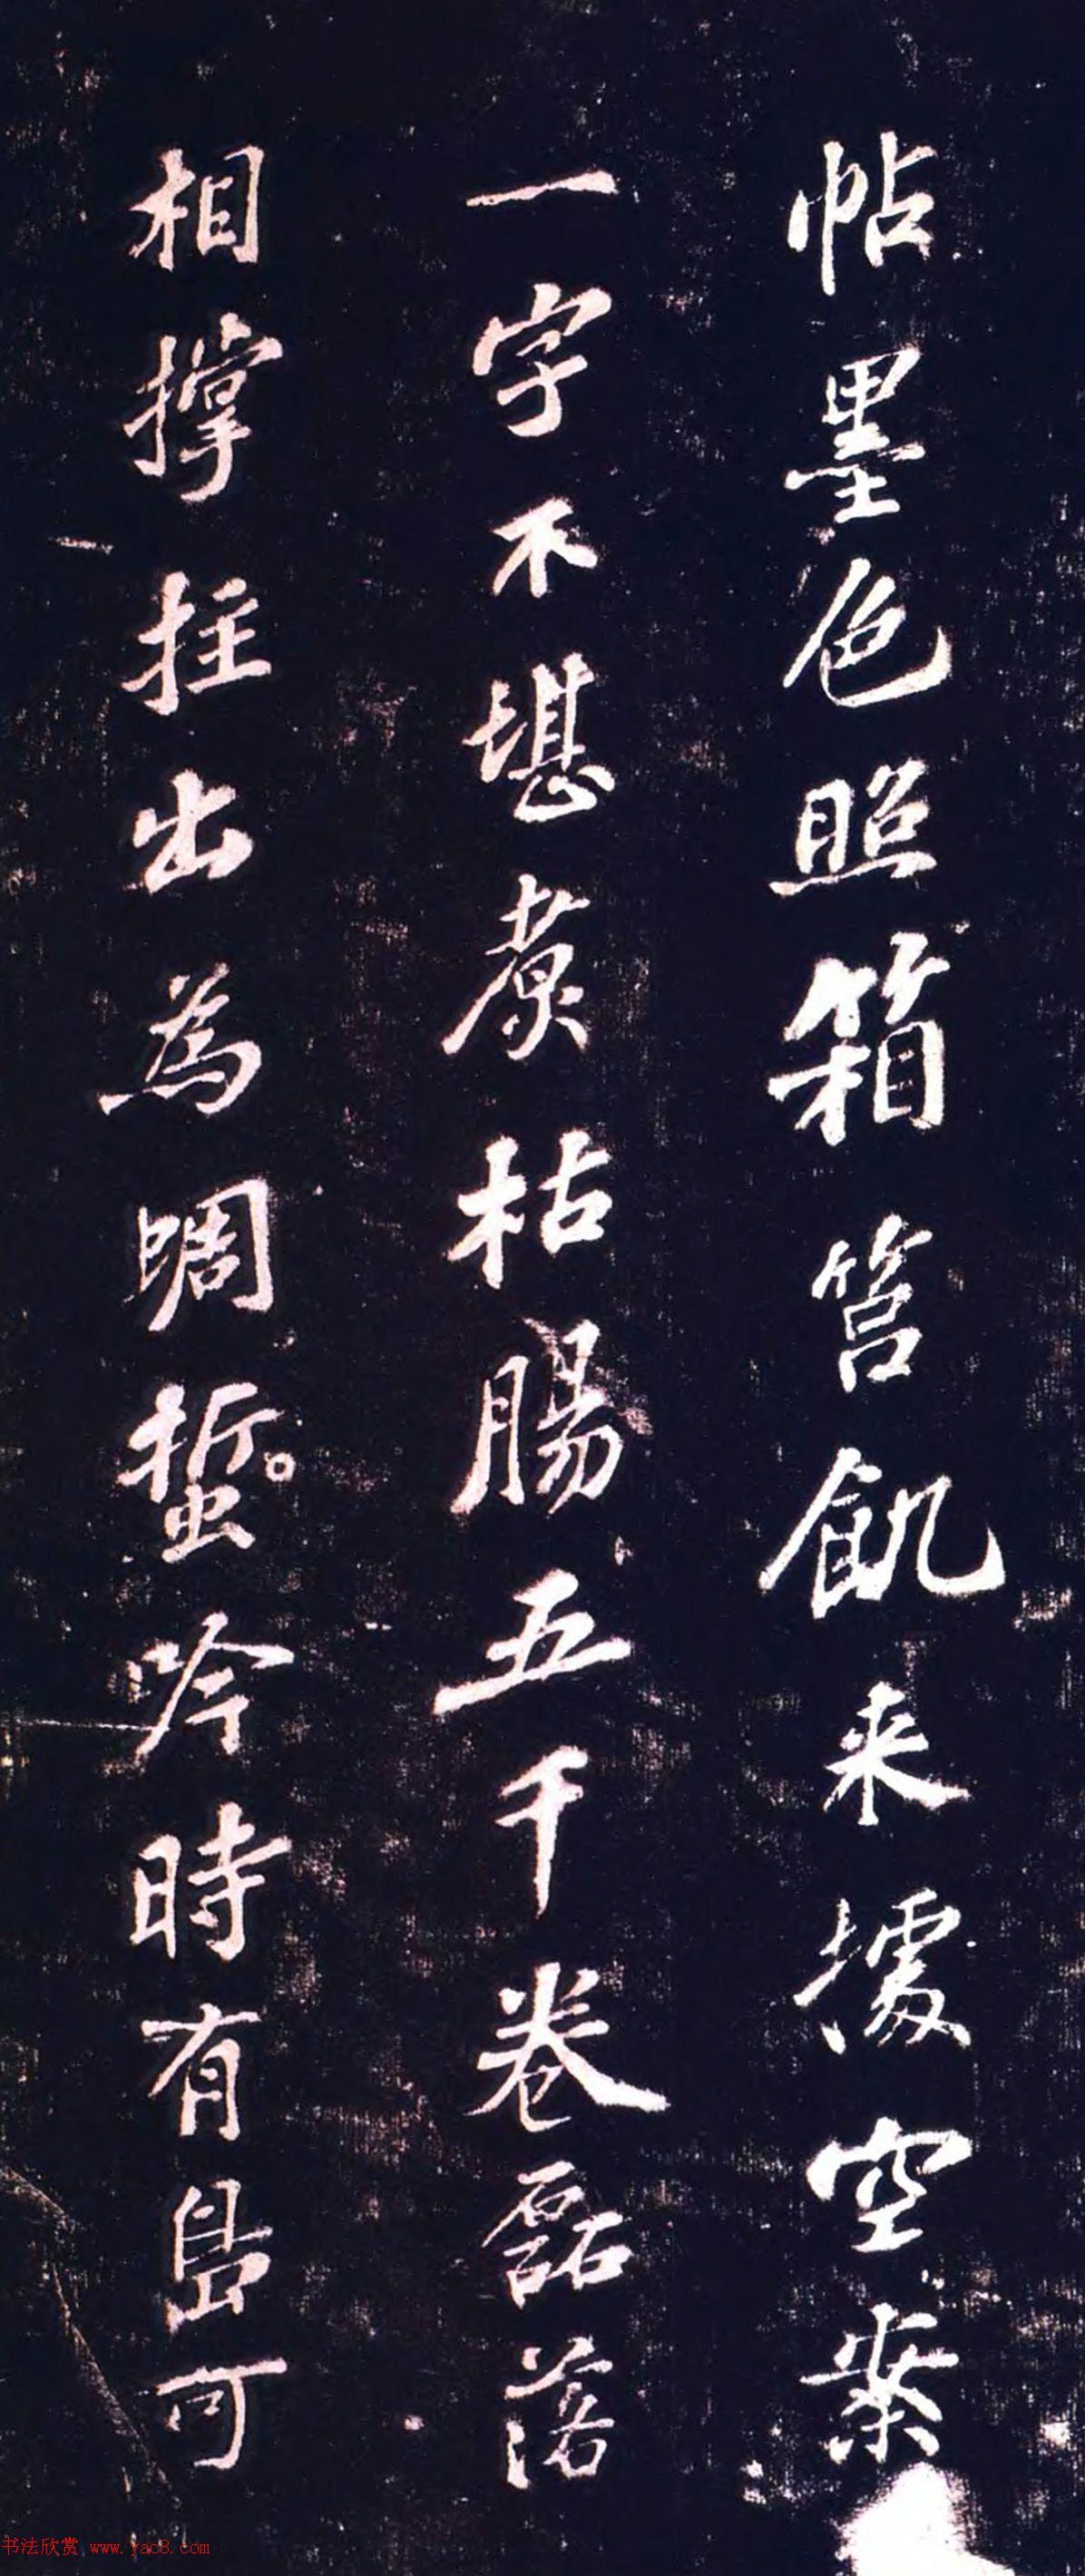 苏轼行书五言诗《杨雄老无子》